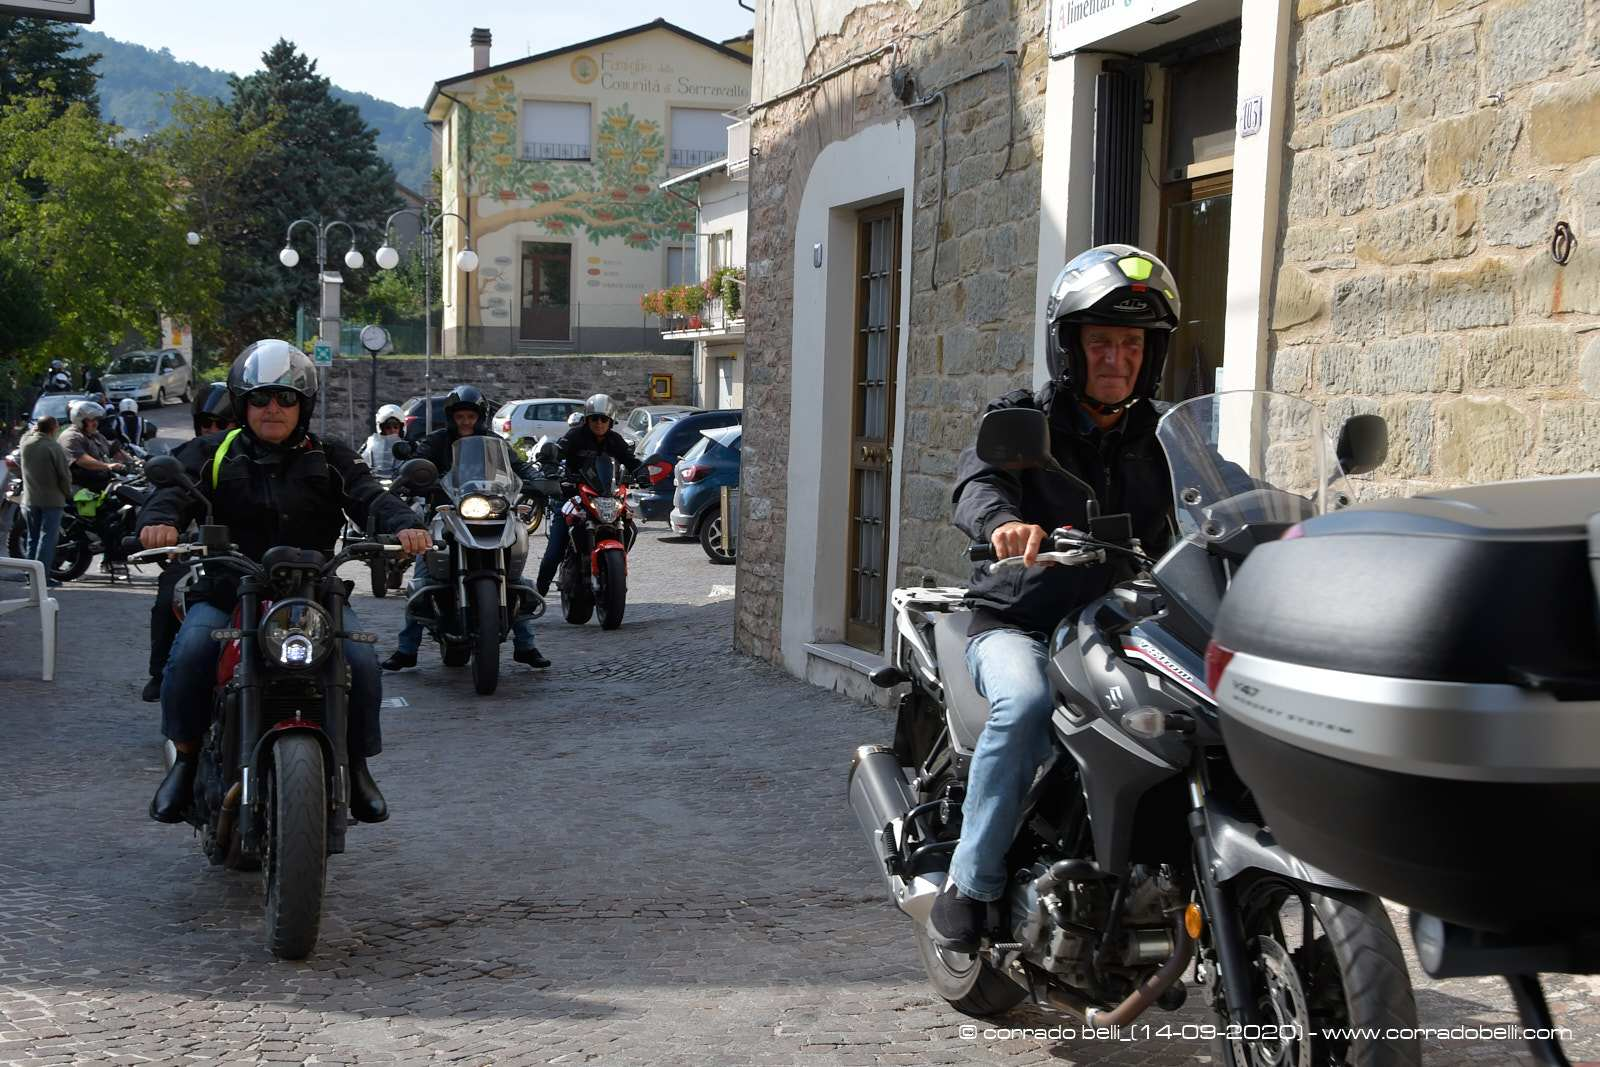 0211_-Benelli-Week-14-09-20